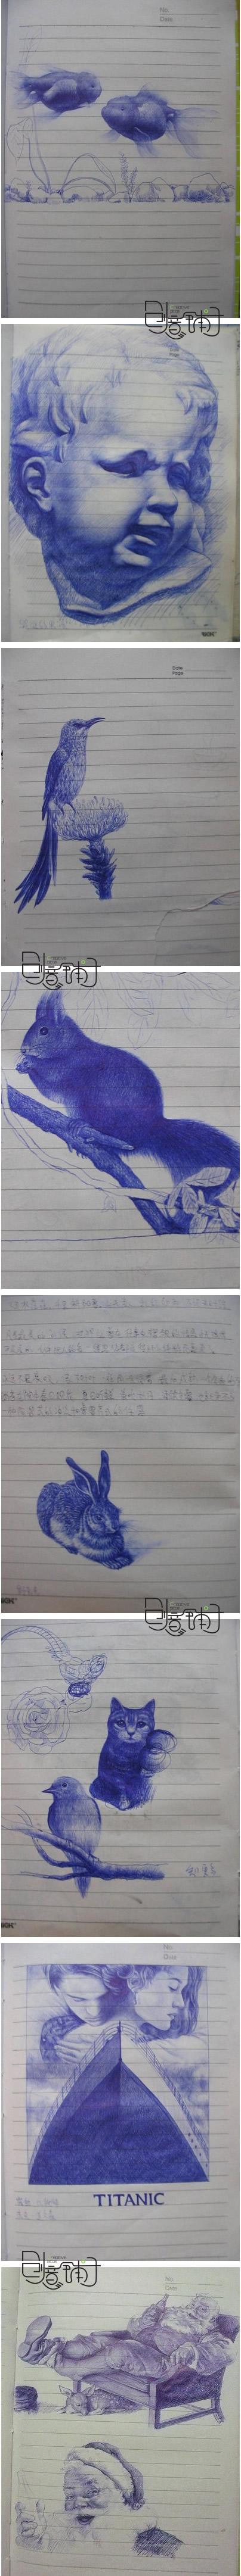 某高三学生用圆珠笔画的,怎么那么有才呢